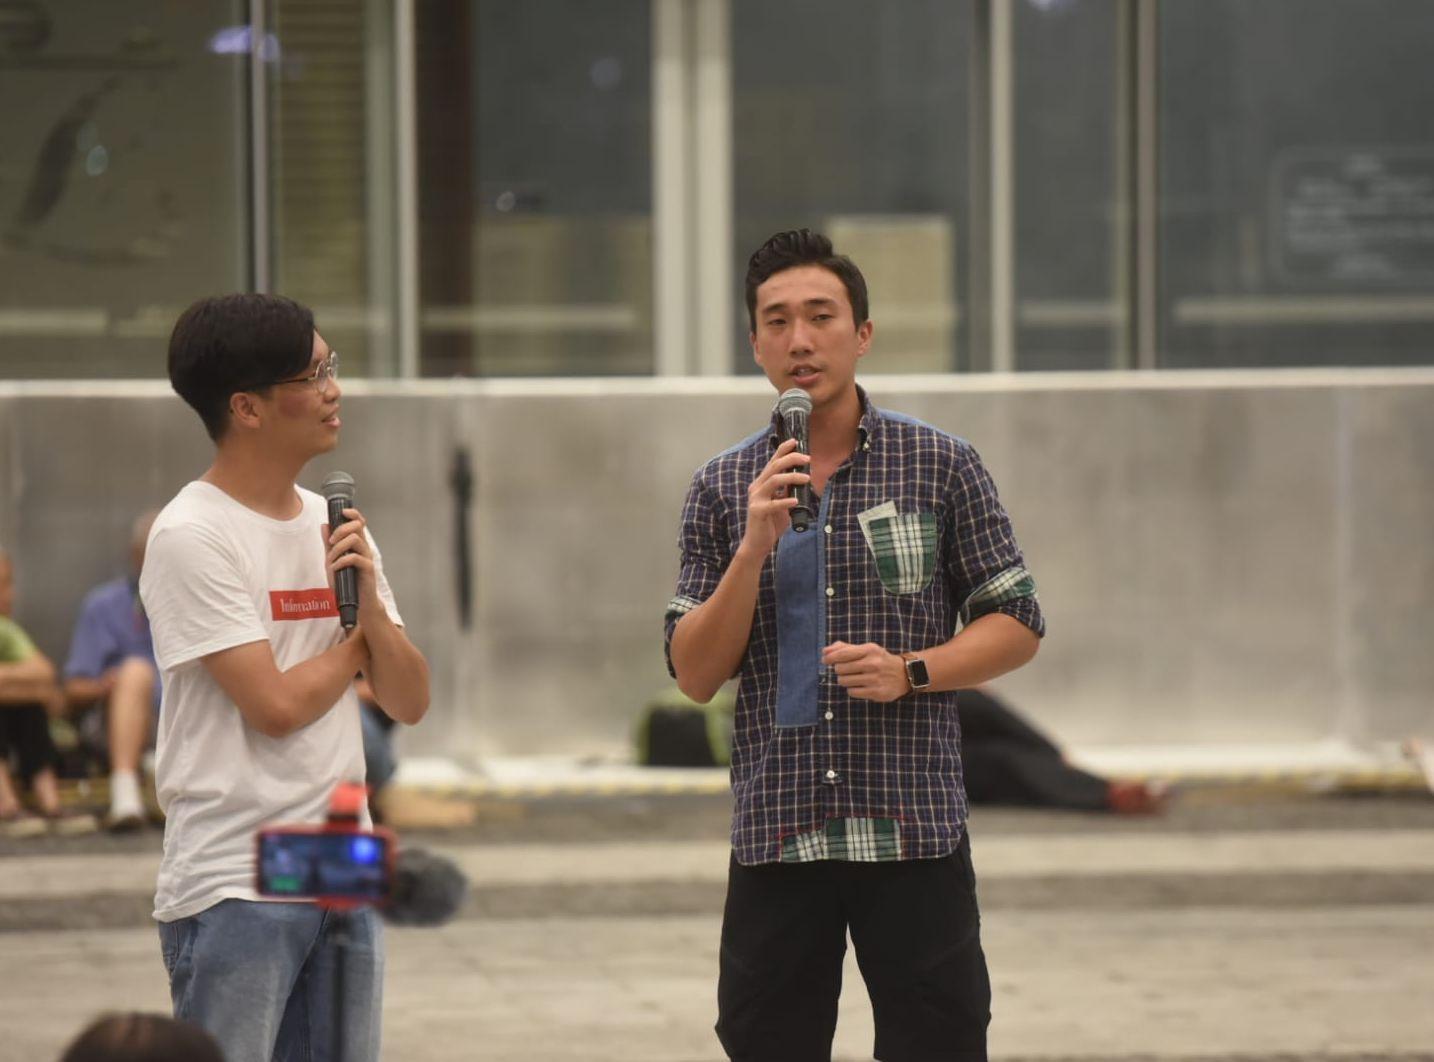 民陣於晚上在立法會示威區舉行「追究警察濫權集會」。